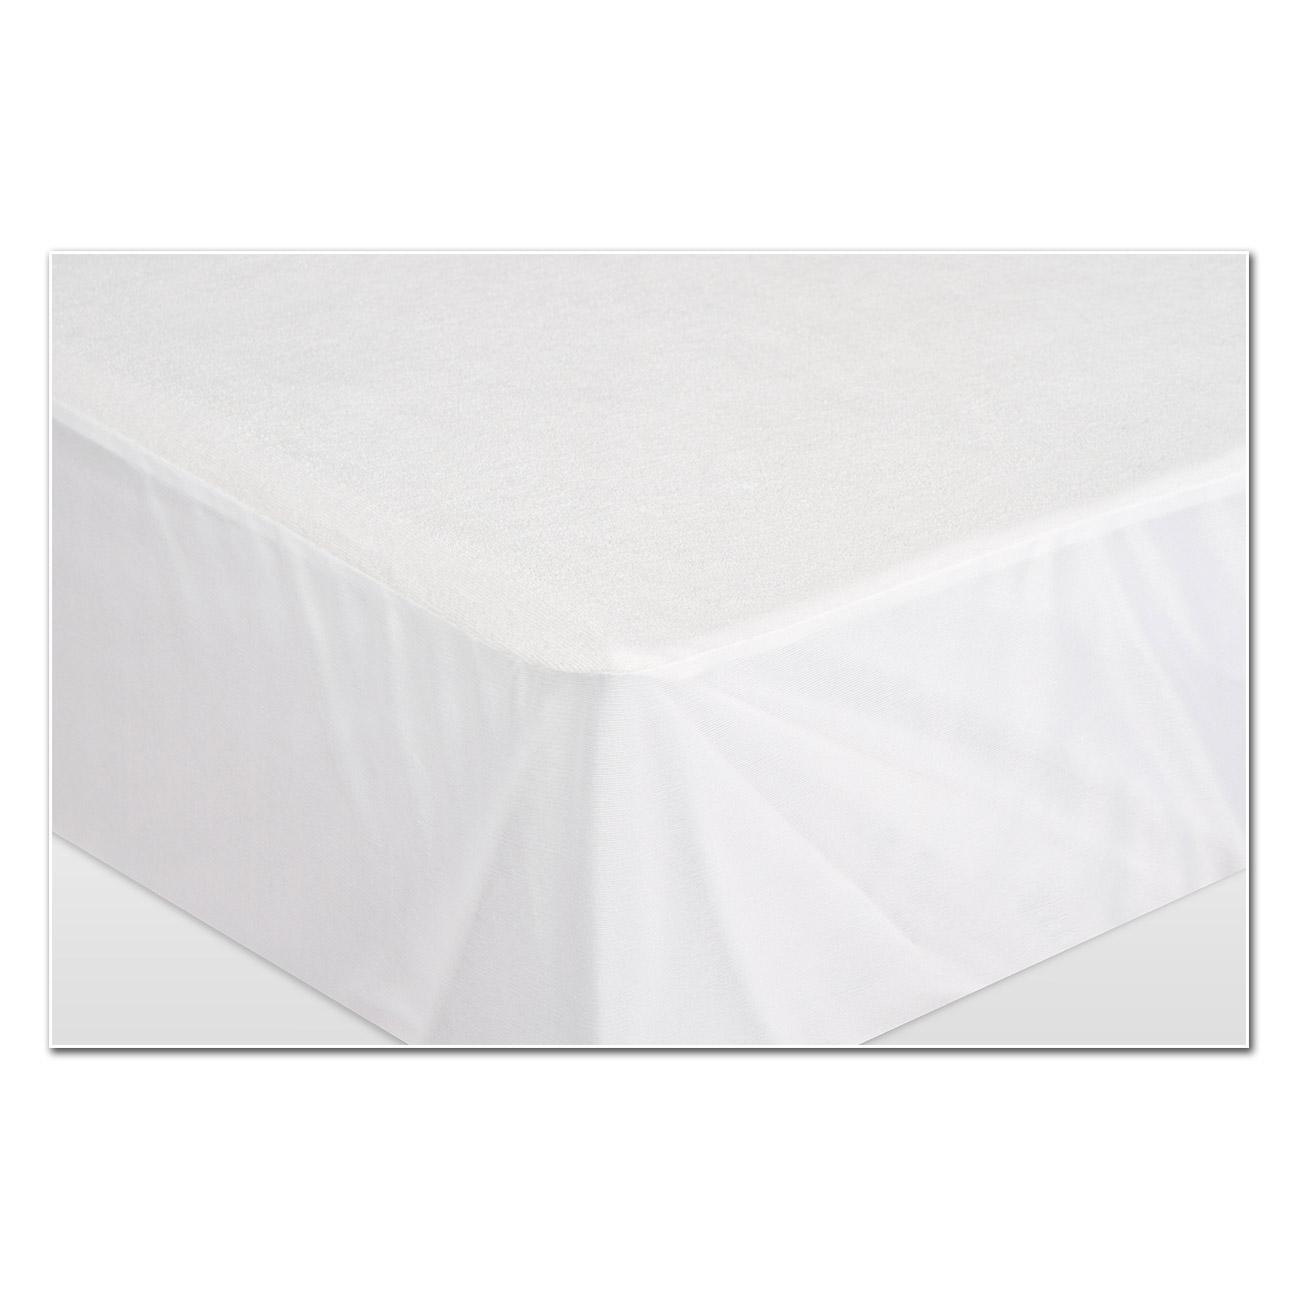 """Чехол-простыня для матраца """"Бамбук"""", размер 180х200 см — Чехол-простыня для матраца Бамбук"""